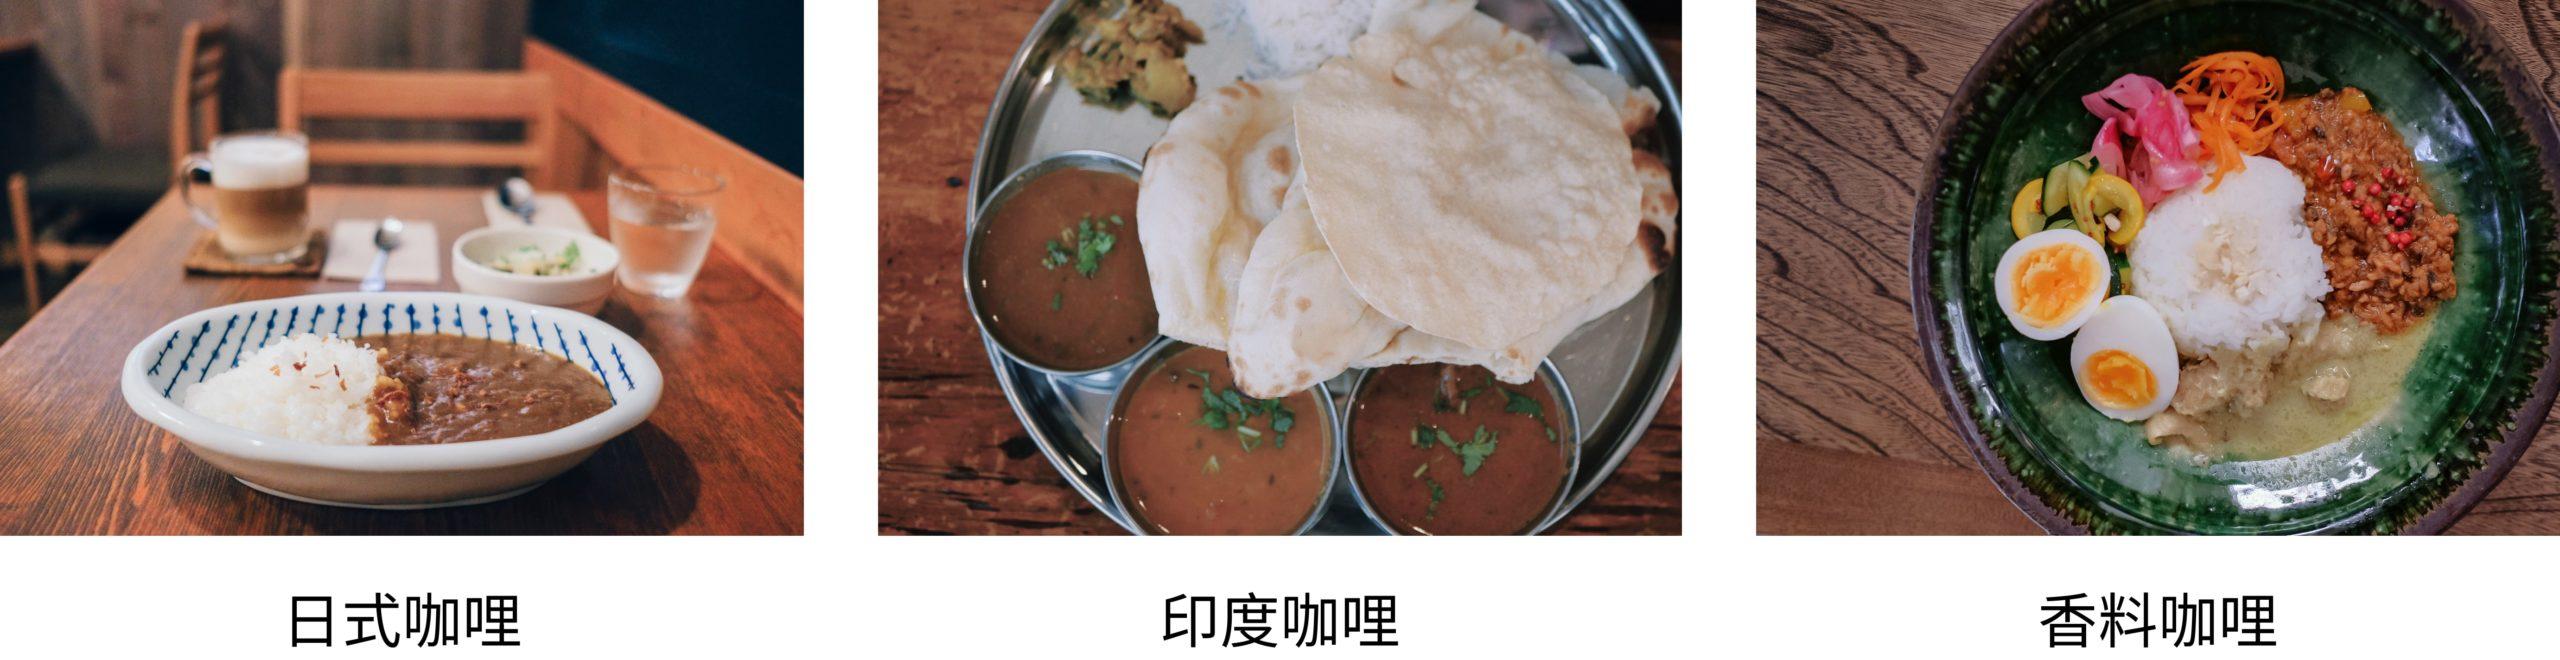 香料咖哩、印度咖哩、日式咖哩的不同